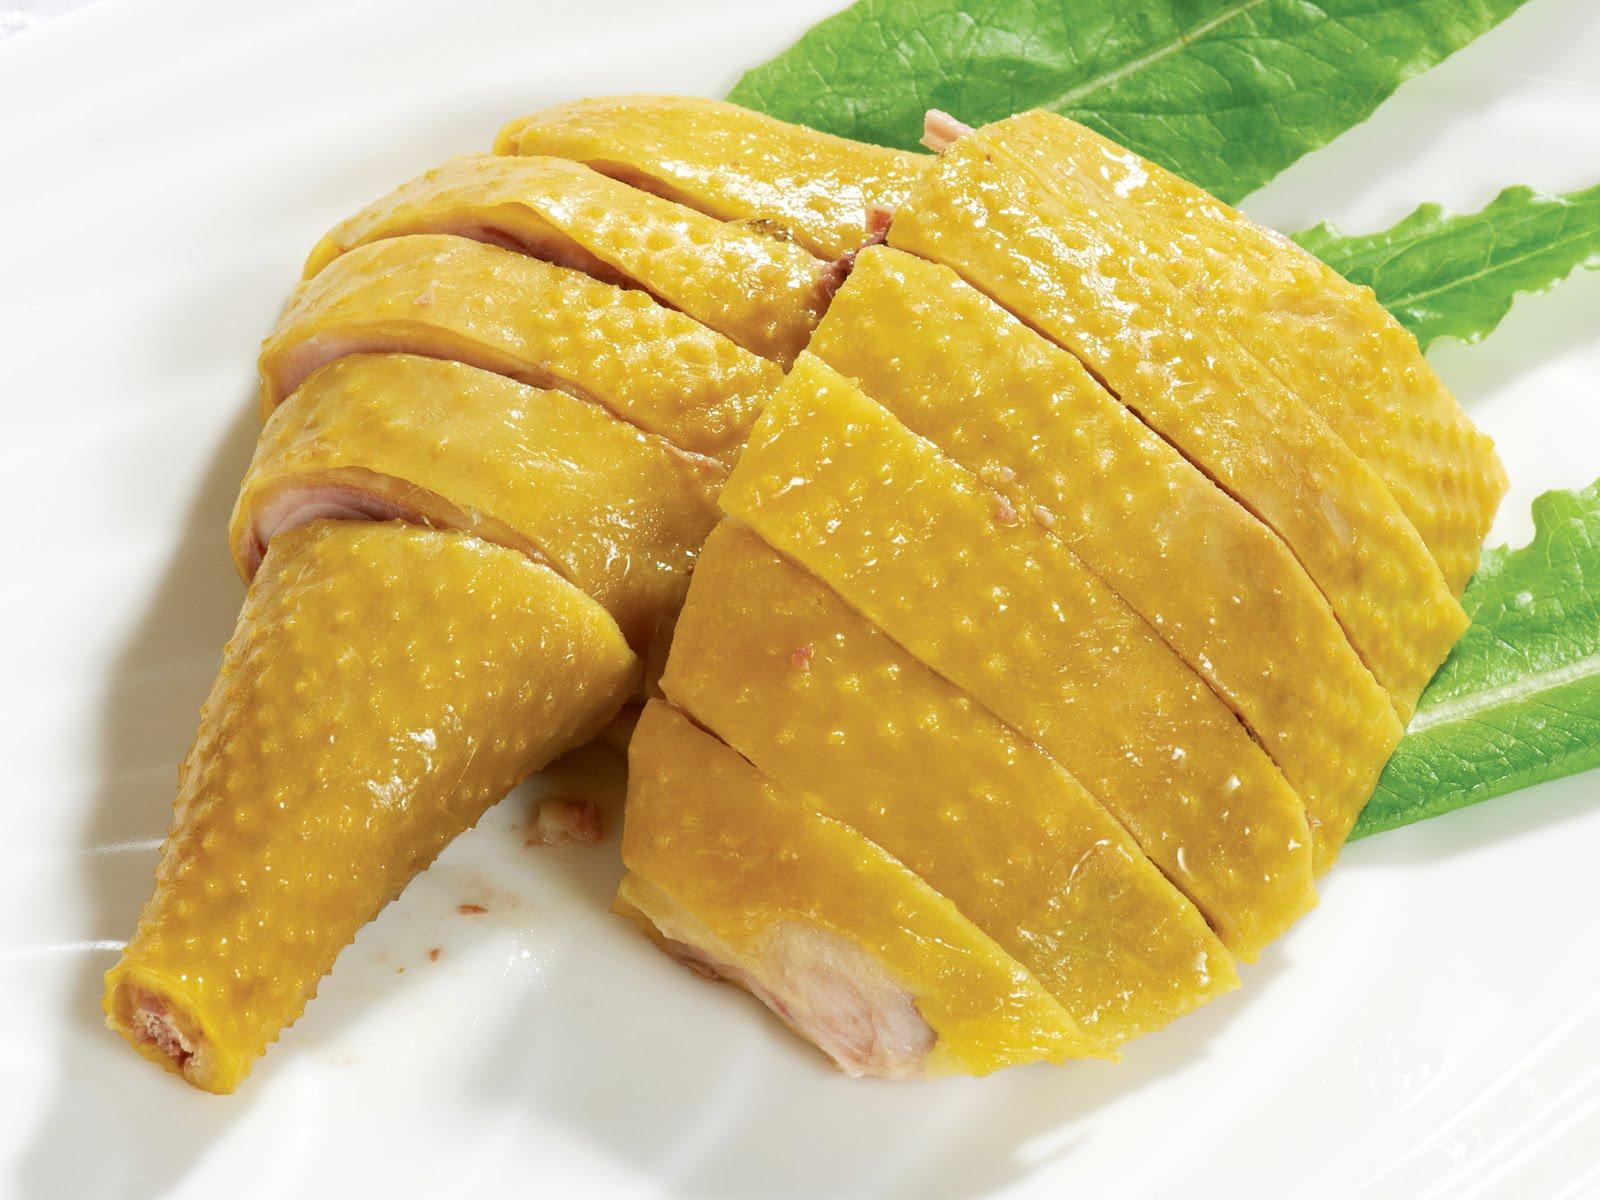 Mẹo luộc gà da vàng, đẹp cho mâm cỗ ngày Tết